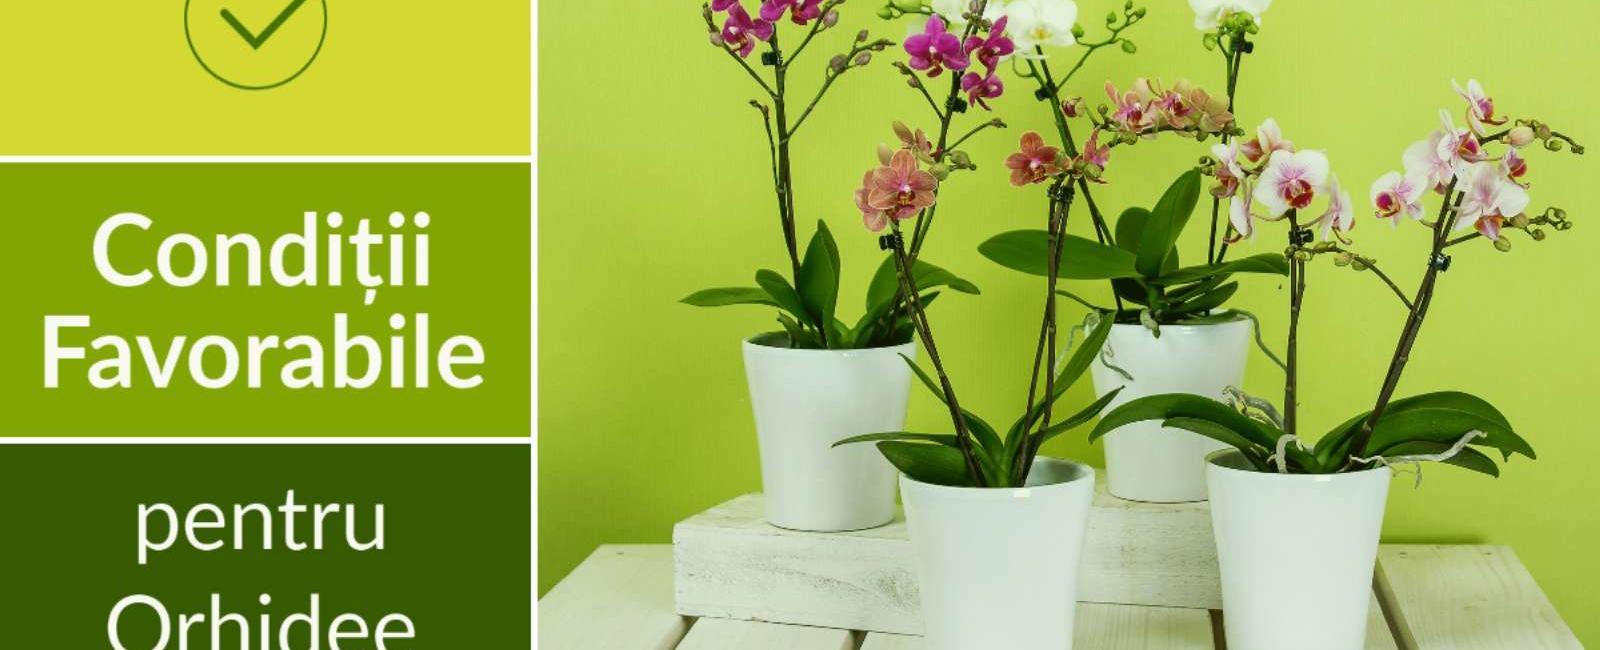 Cum se ingrijeste orhideea